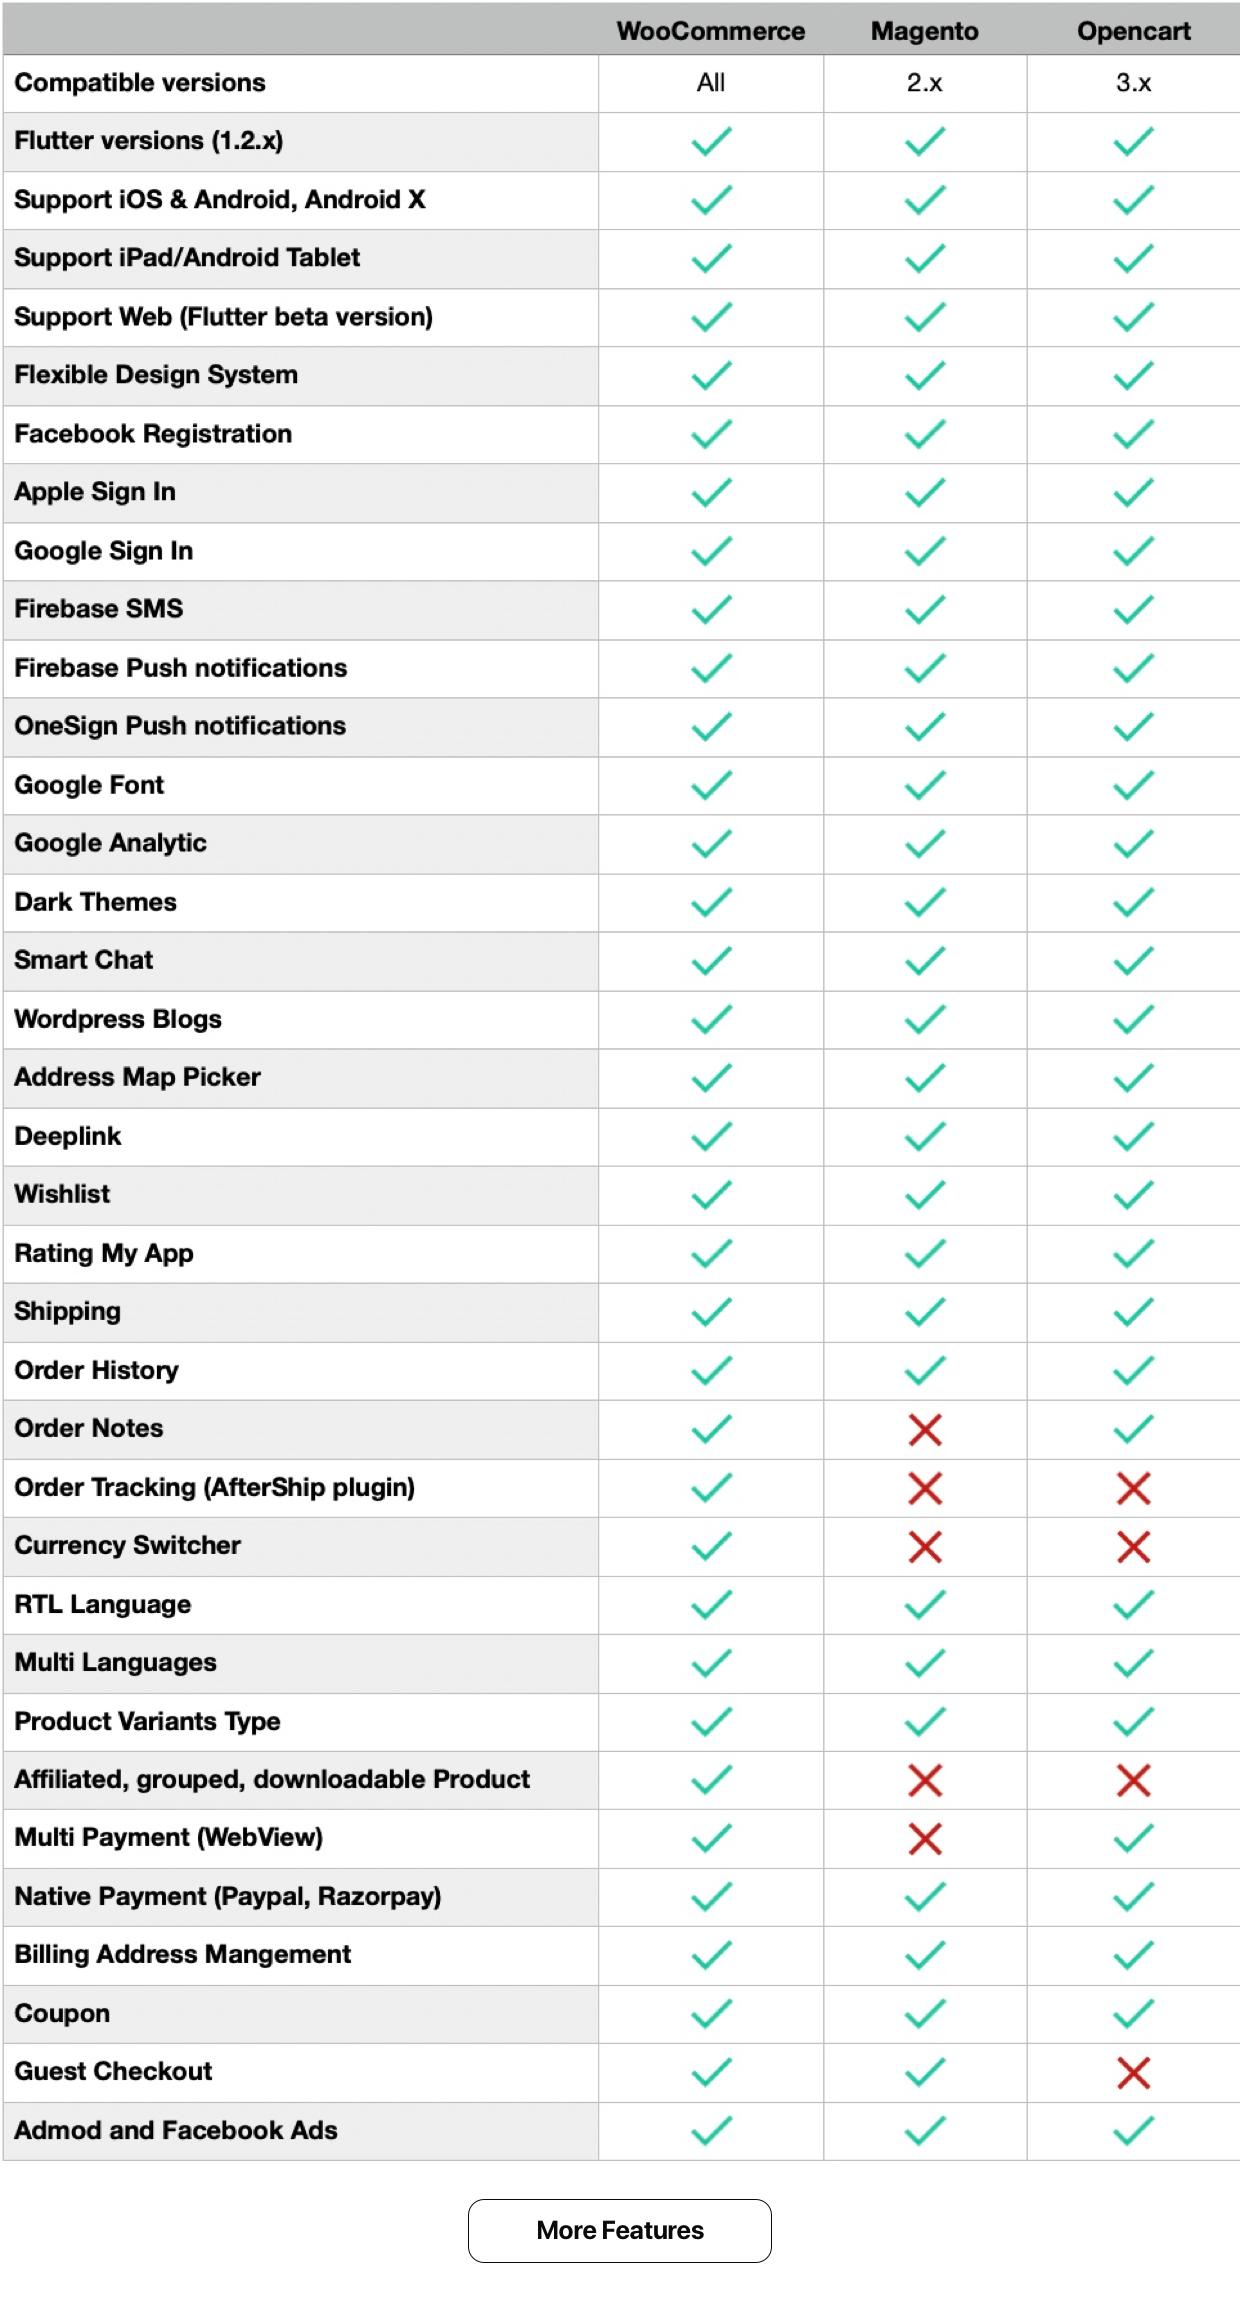 Fluxstore Pro - Flutter E-commerce Full App for Magento, Opencart, and Woocommerce - 11